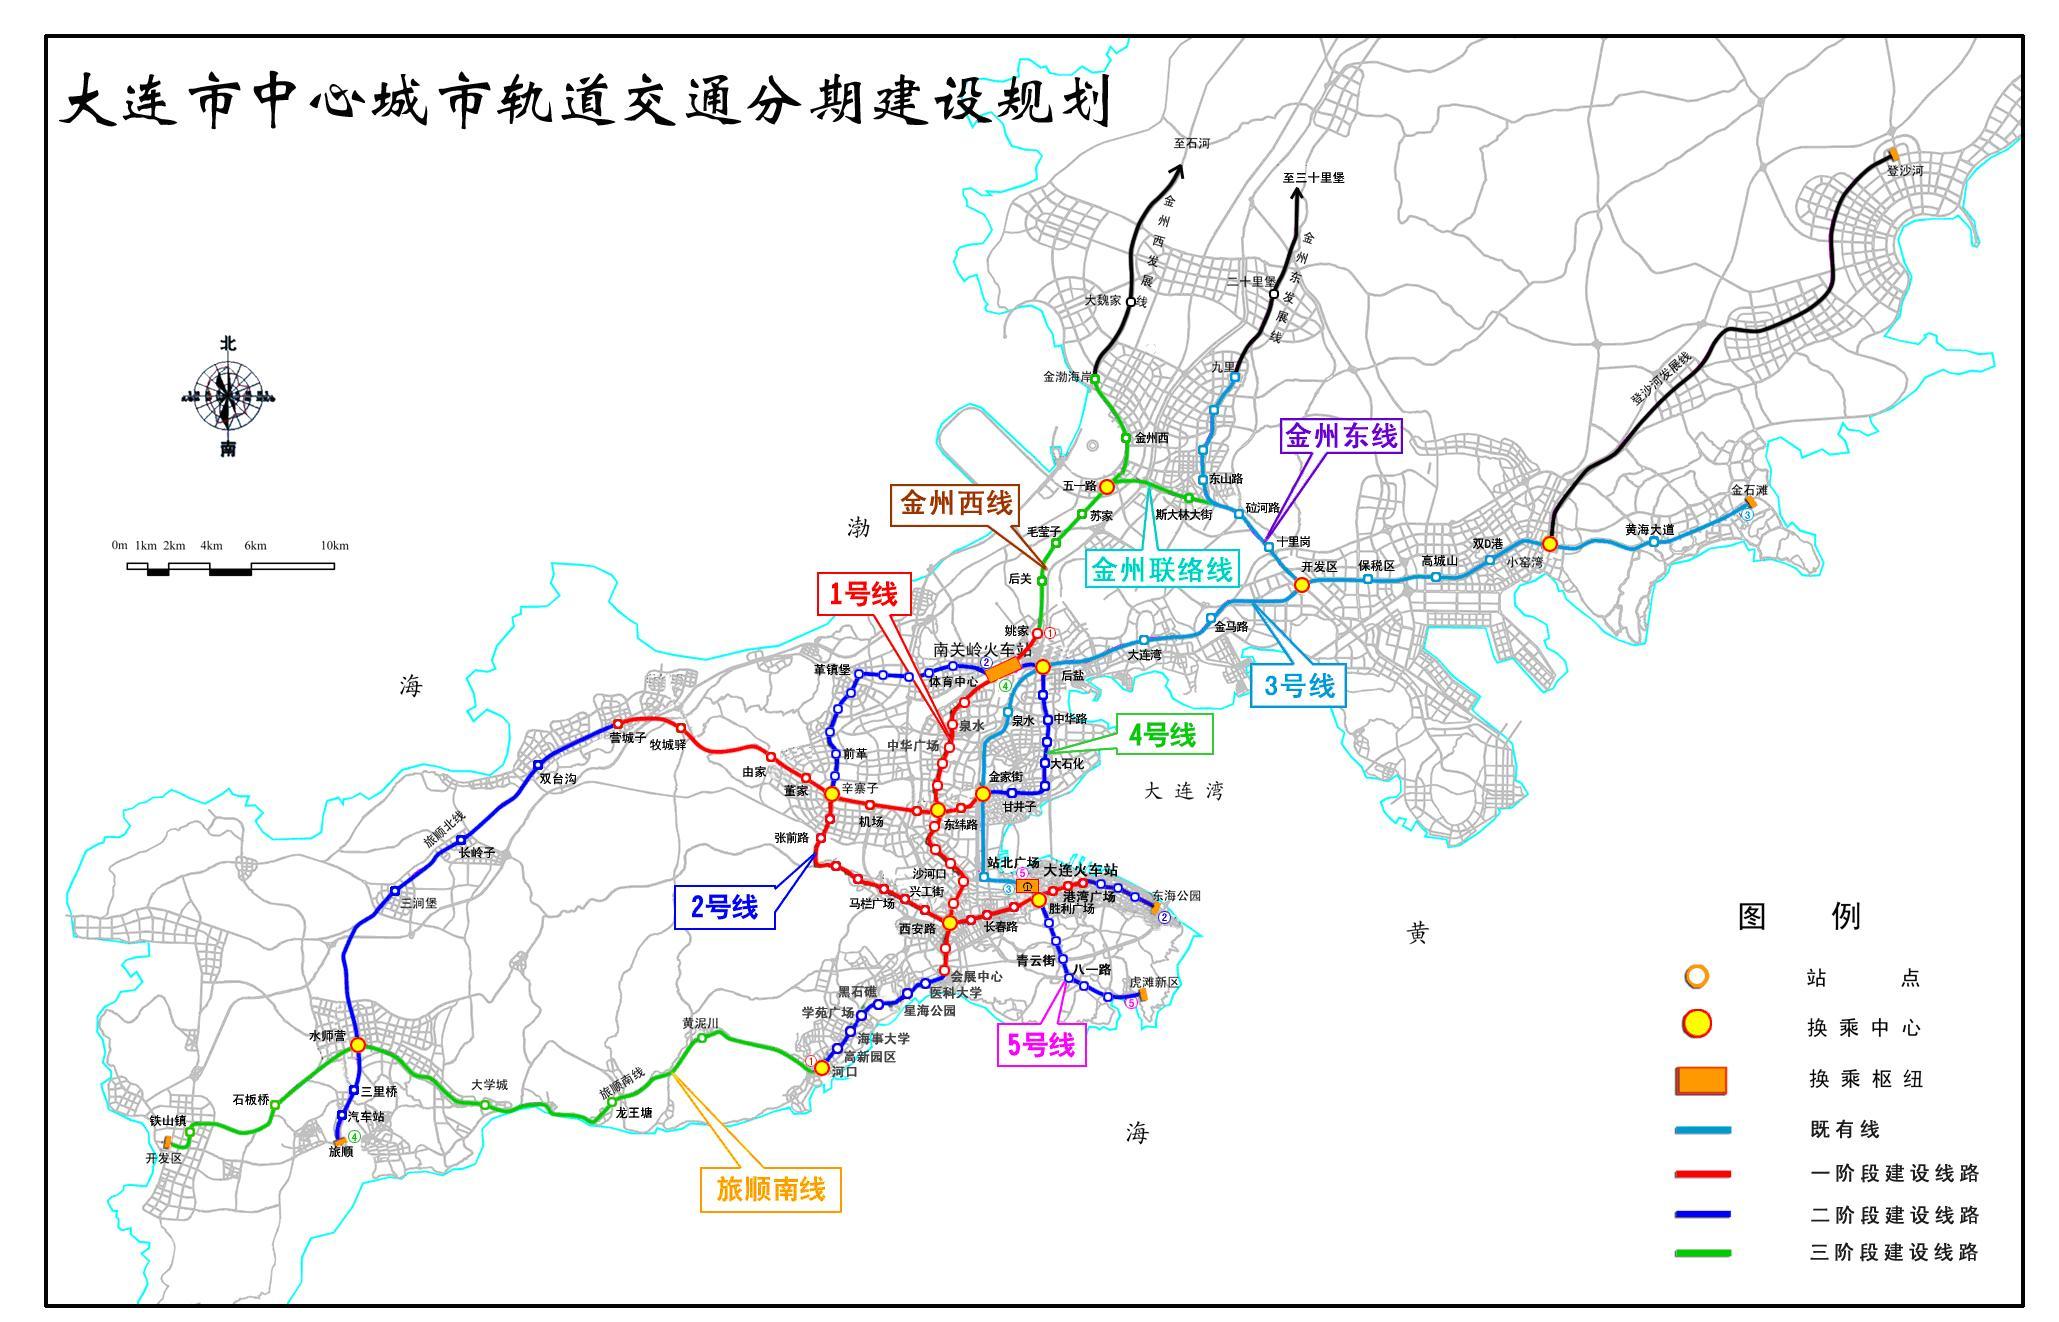 大连地铁线路规划